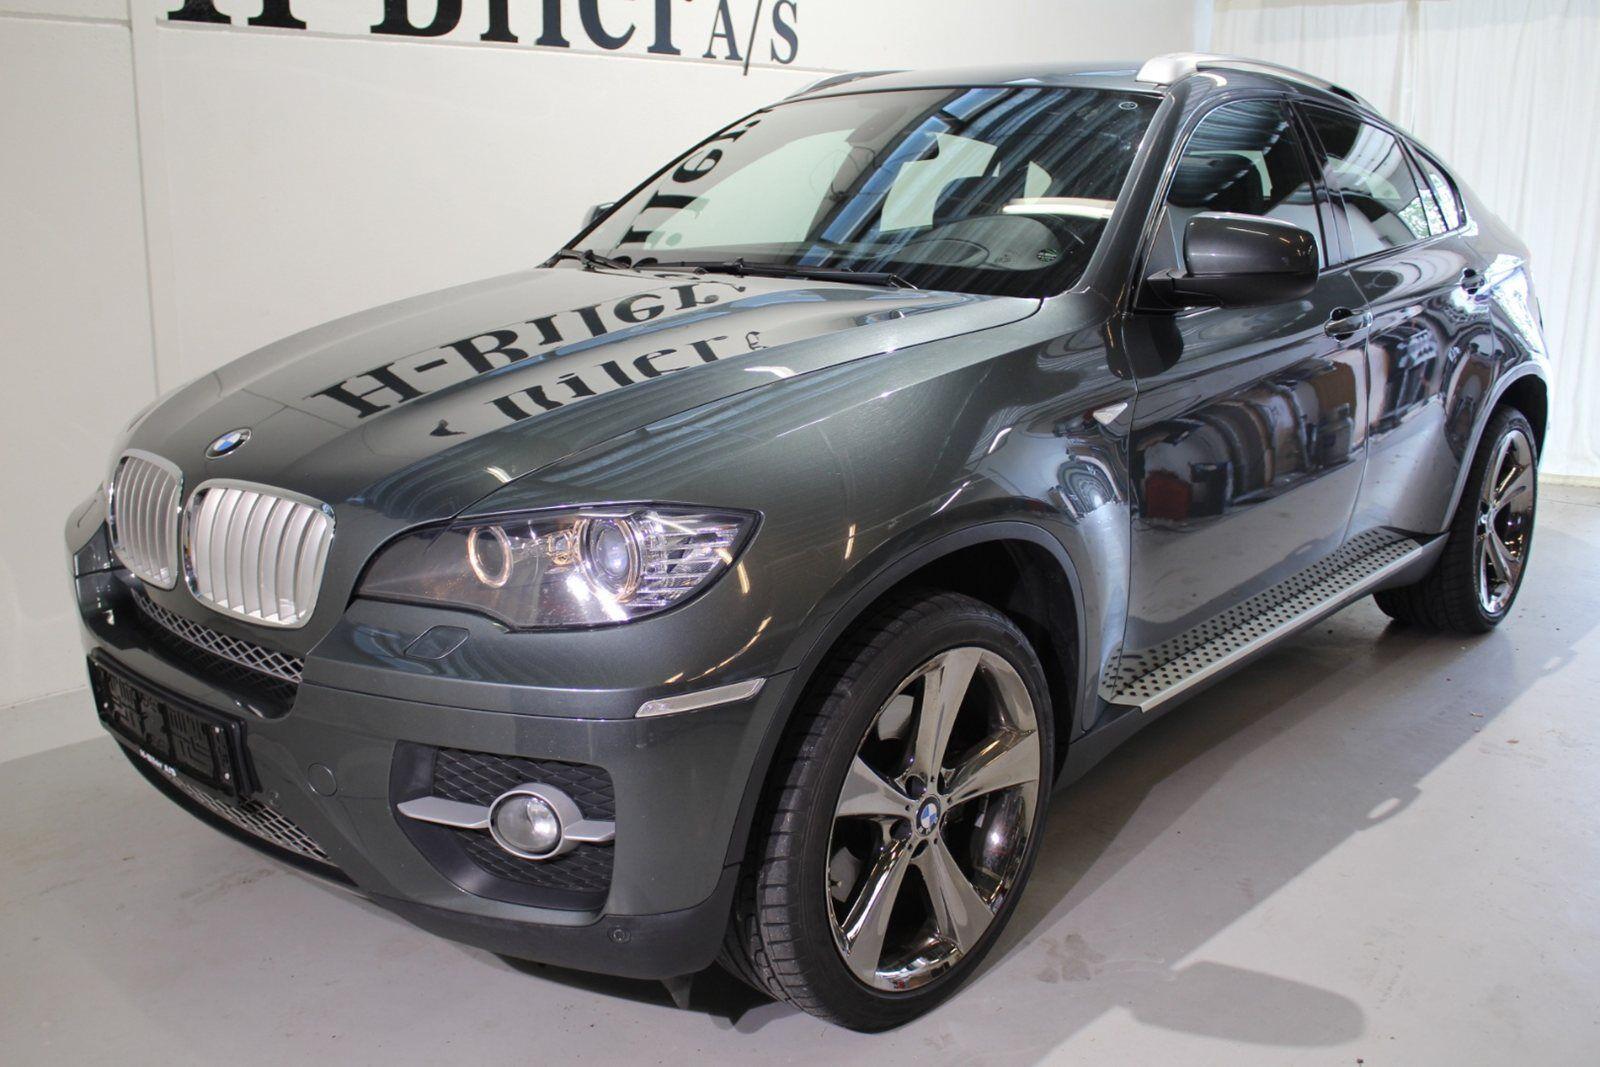 BMW X6 3,0 xDrive35d aut. 5d - 329.800 kr.